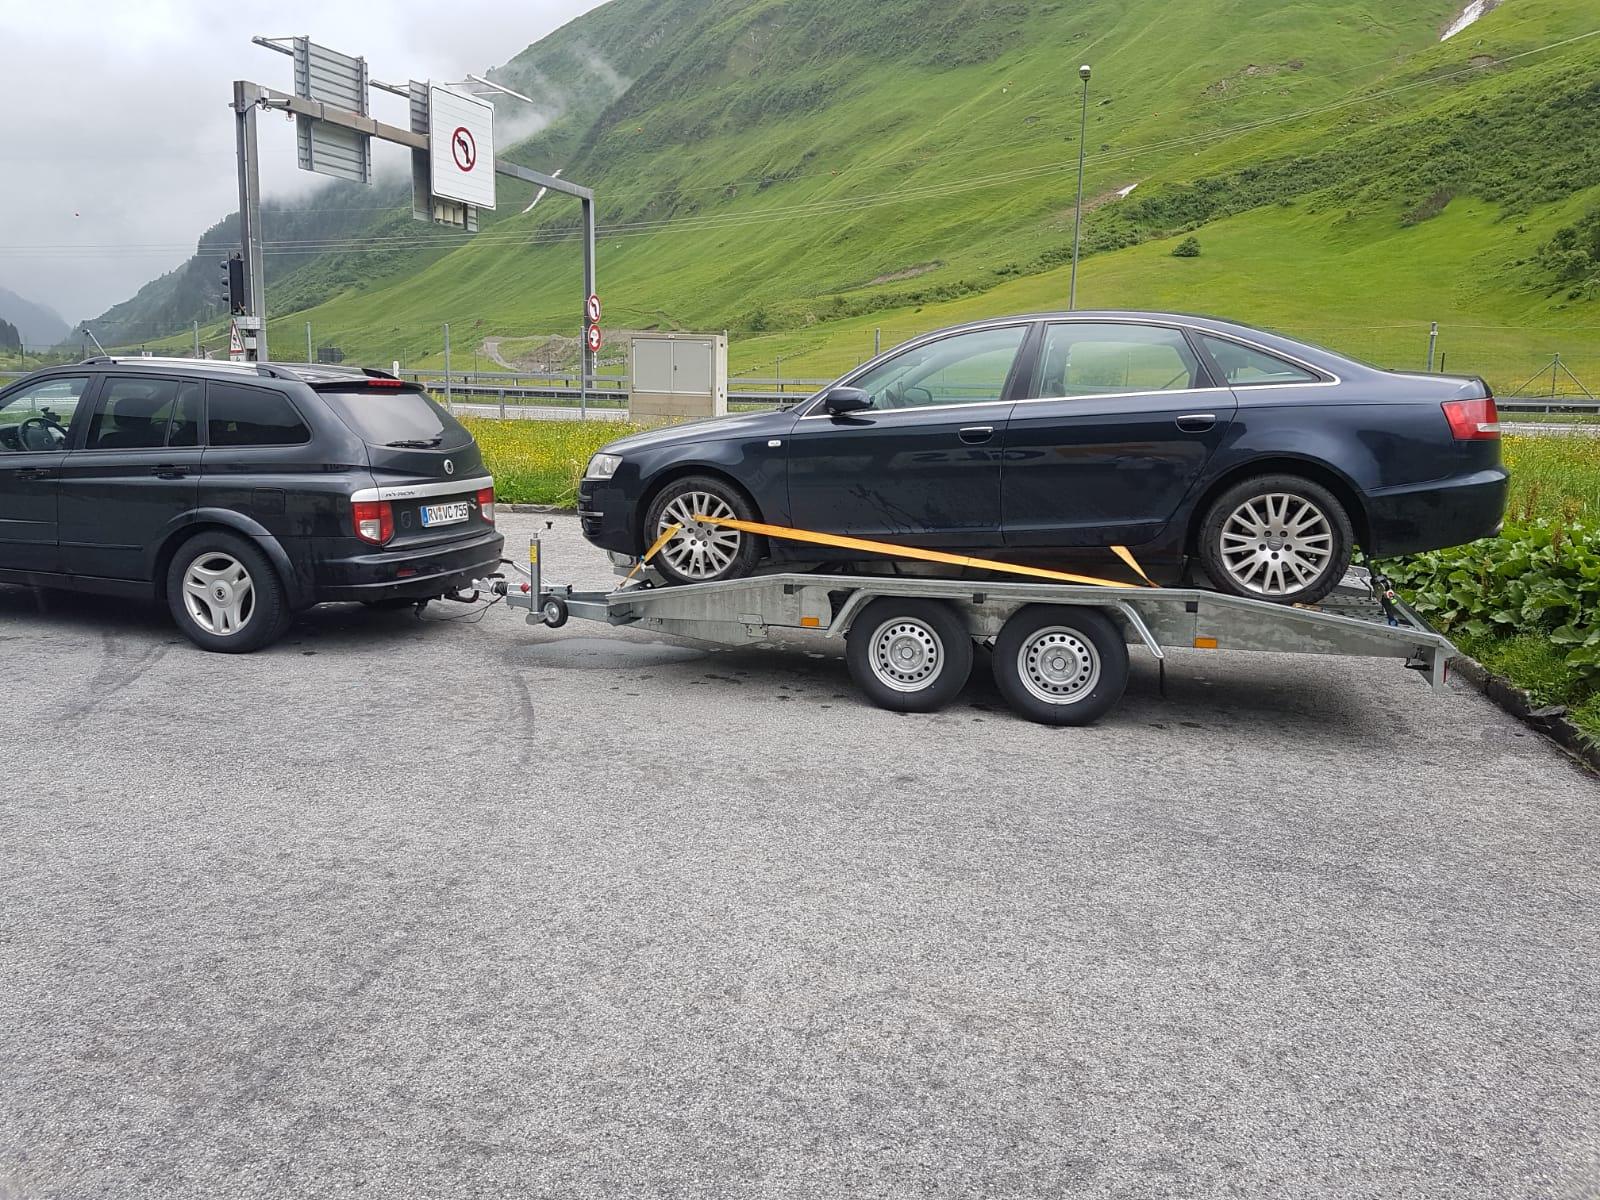 Svens KFZ Transporte